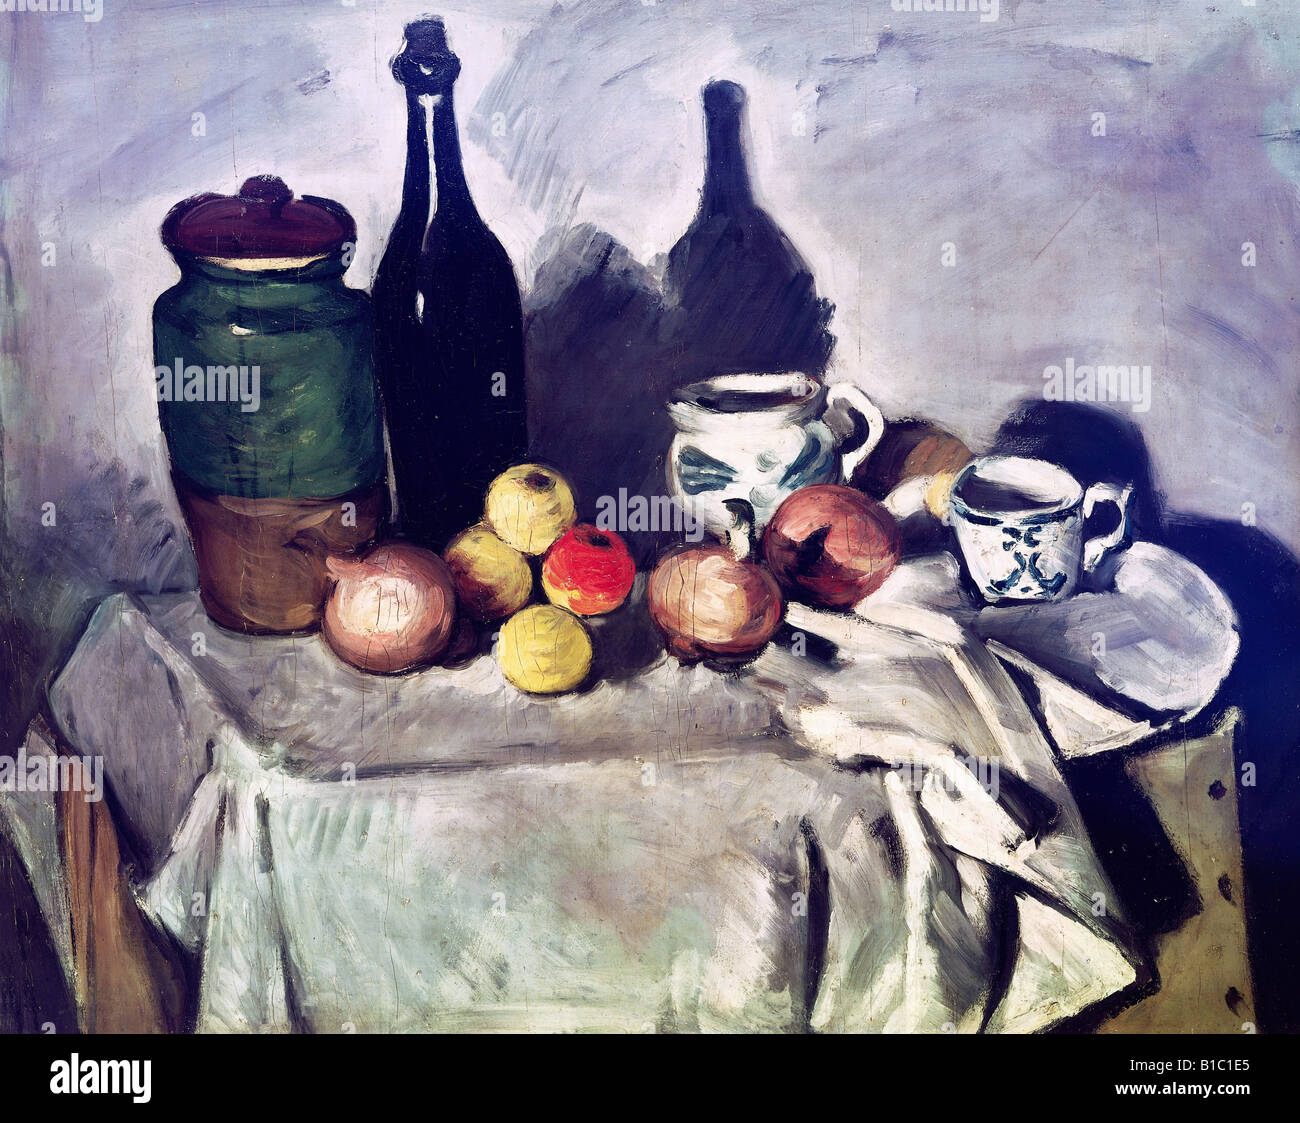 Bellas artes, Cezanne, Paul (19.1.1893 - 22.10.1906), pintura, 'Still Life con frutas y platos', alrededor Imagen De Stock